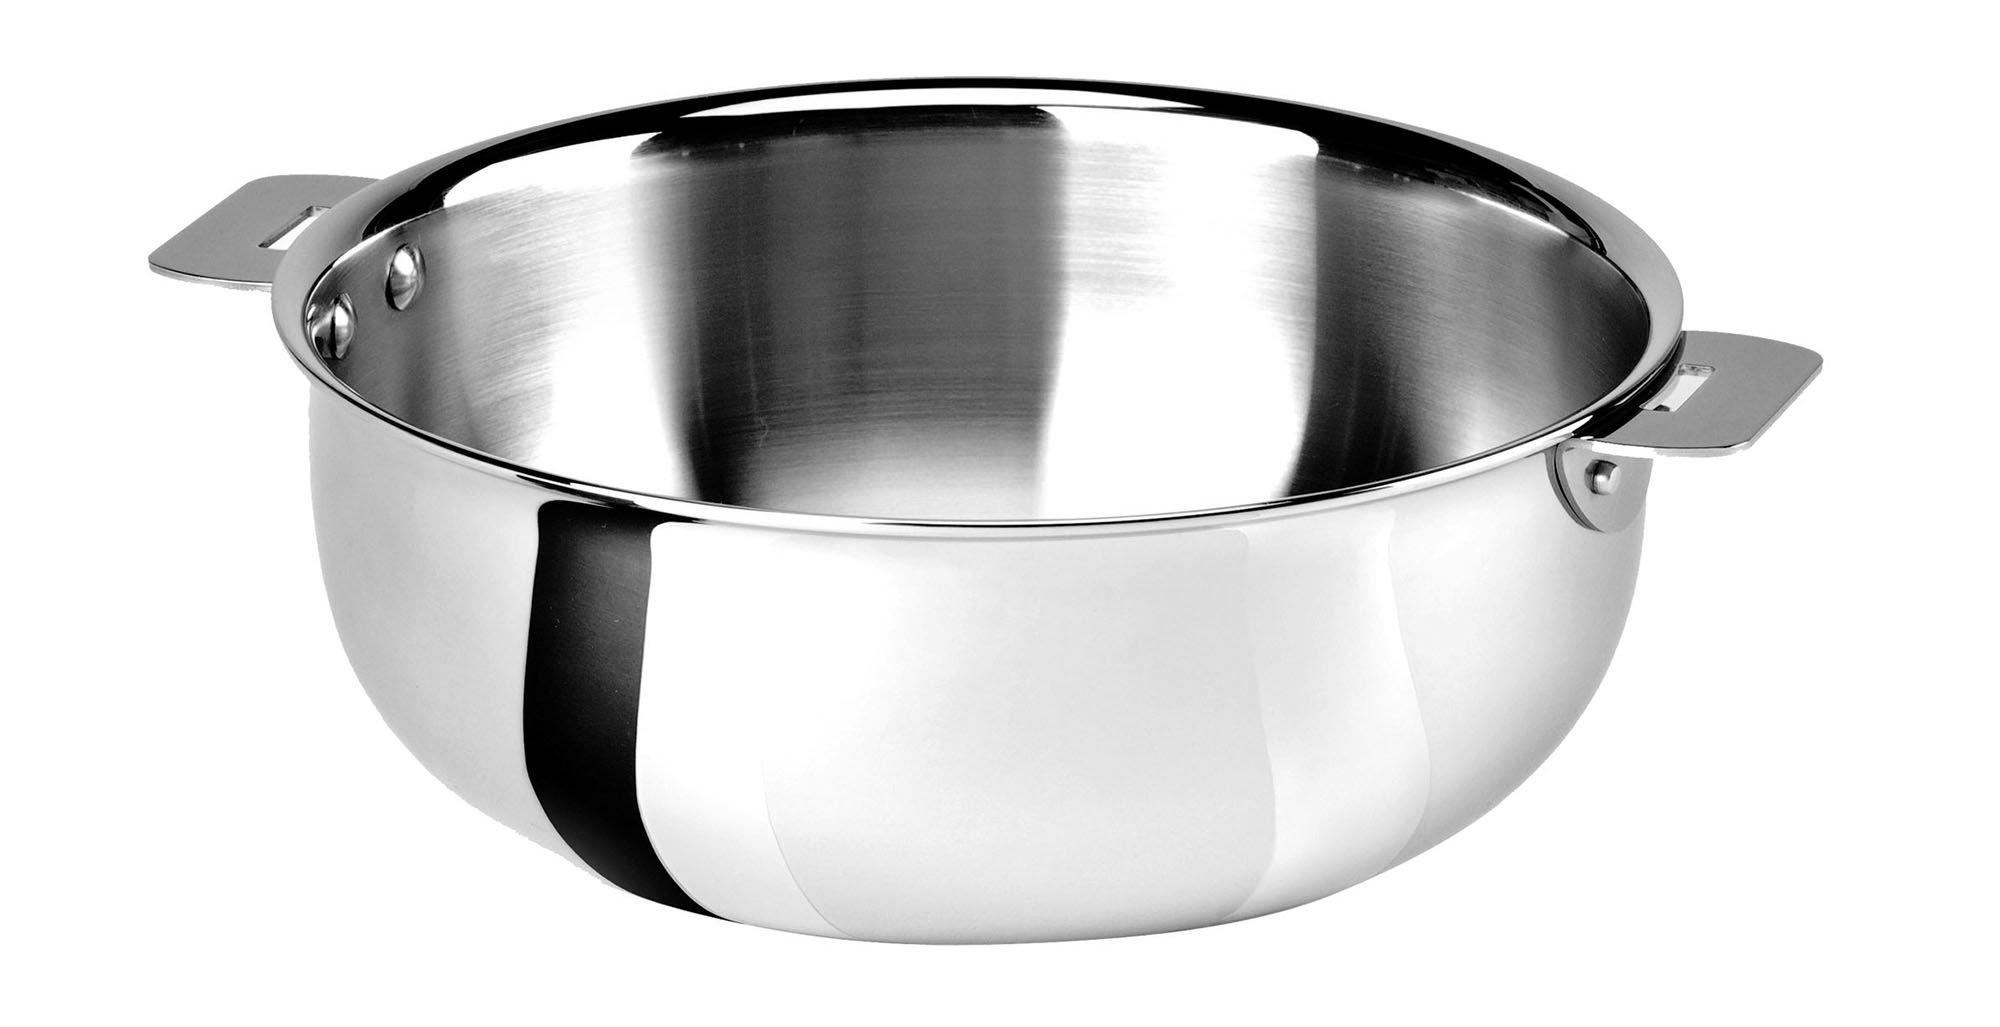 Cristel Casteline SR22QMP Saucier, 3 quart, Silver by Cristel (Image #1)